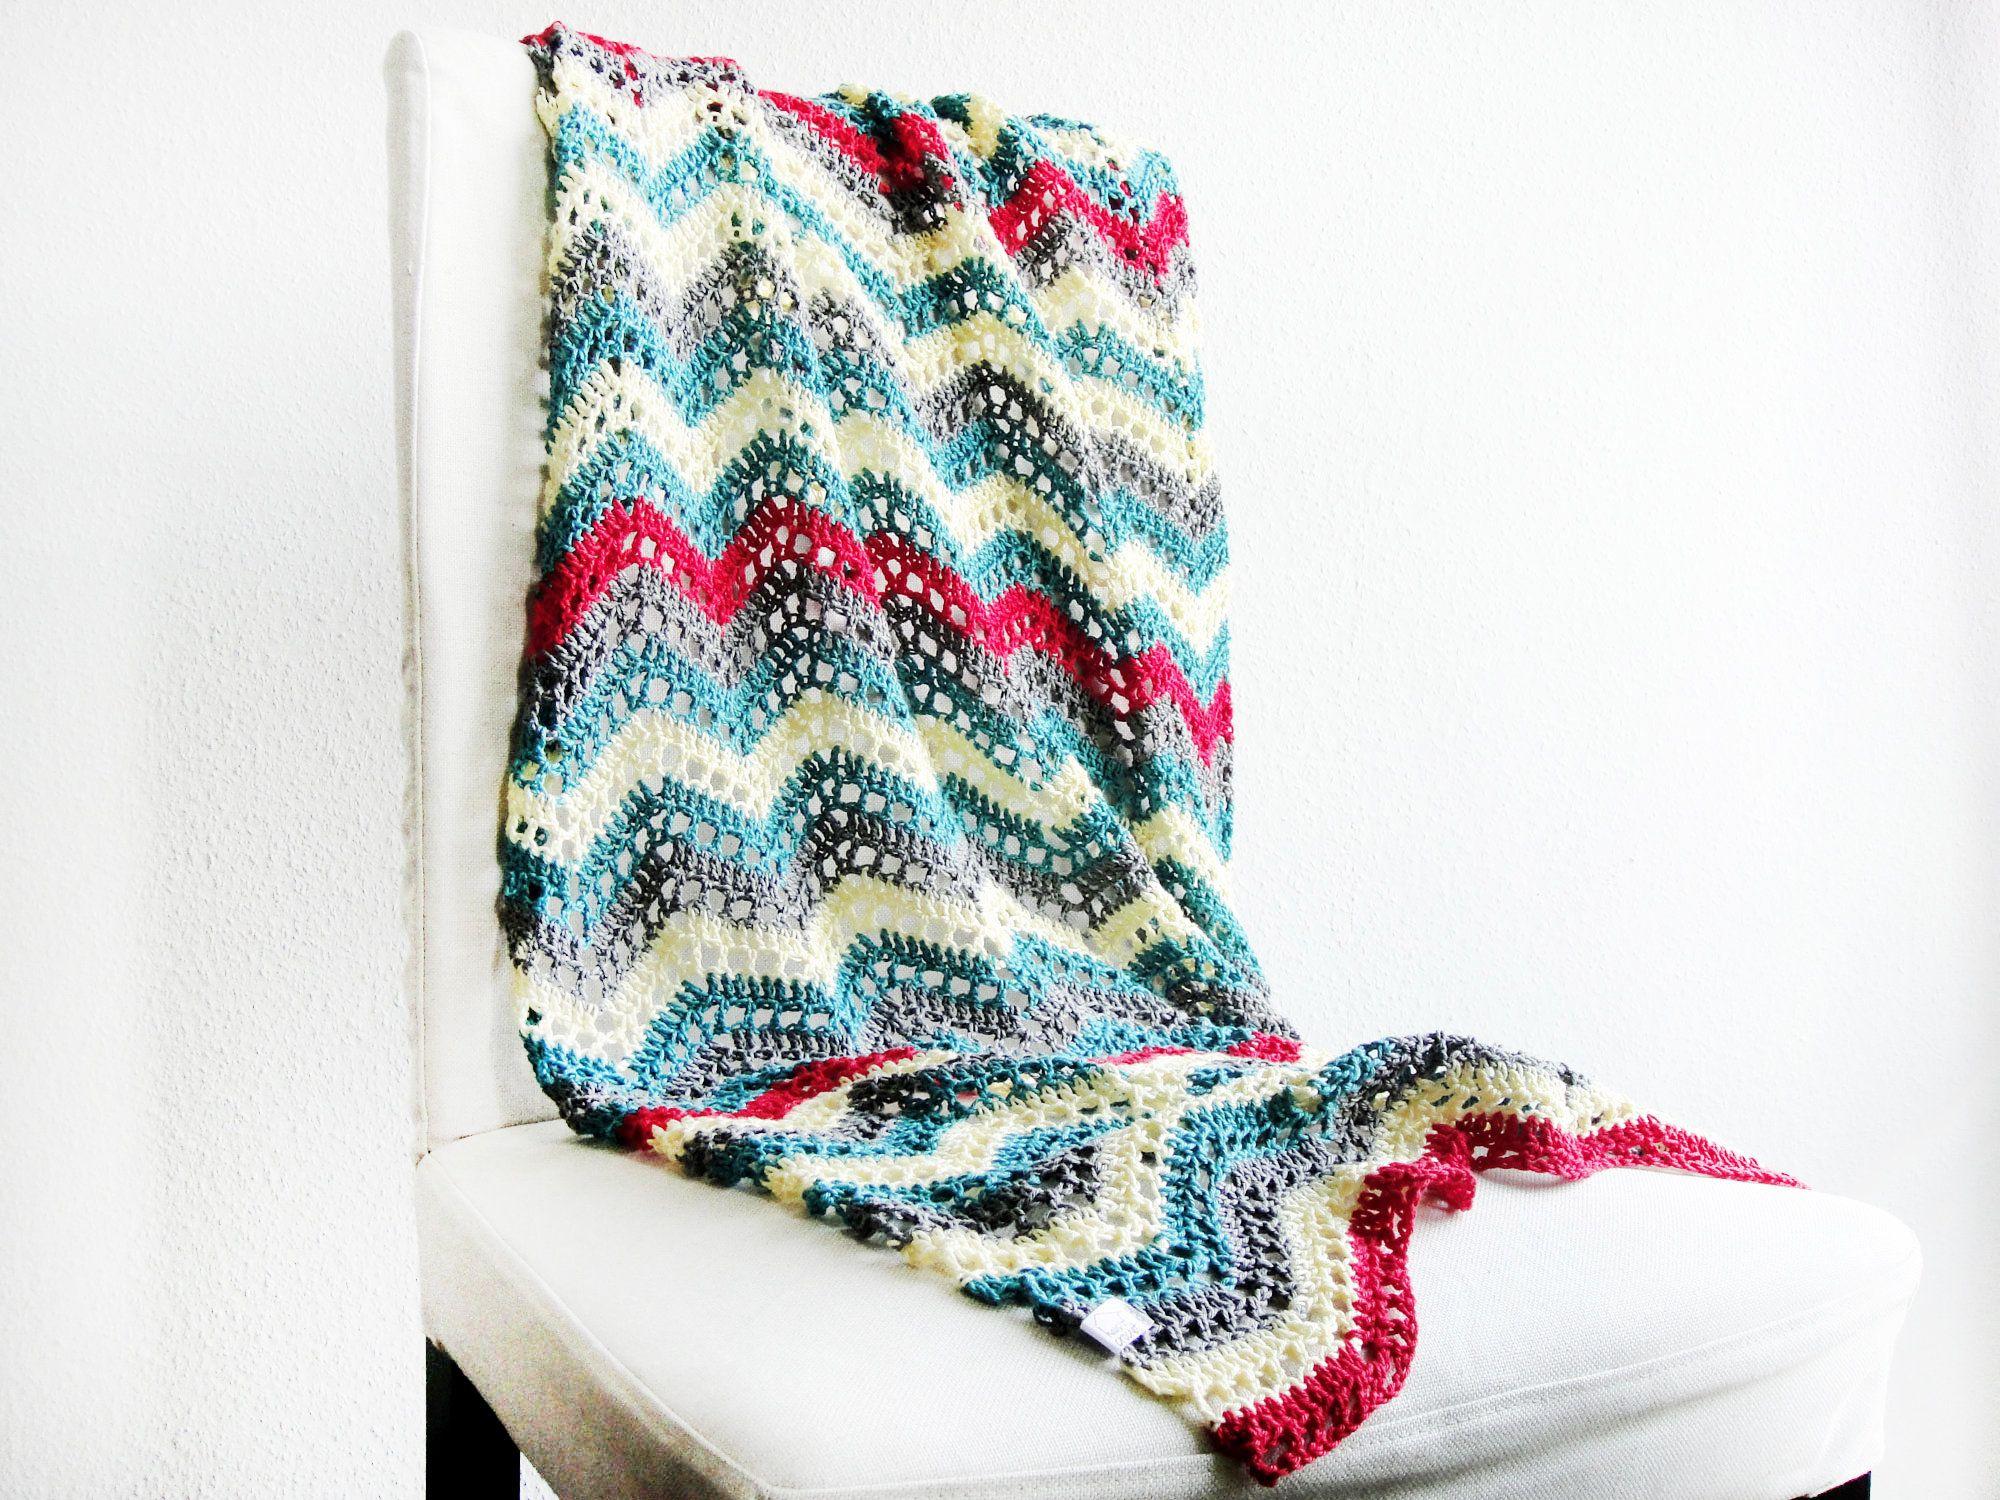 Bunte Hakeldecke 100 Baumwolle Ca 80 X 155 Cm Grosse Decke Etsy Throw Blanket Crochet Blanket